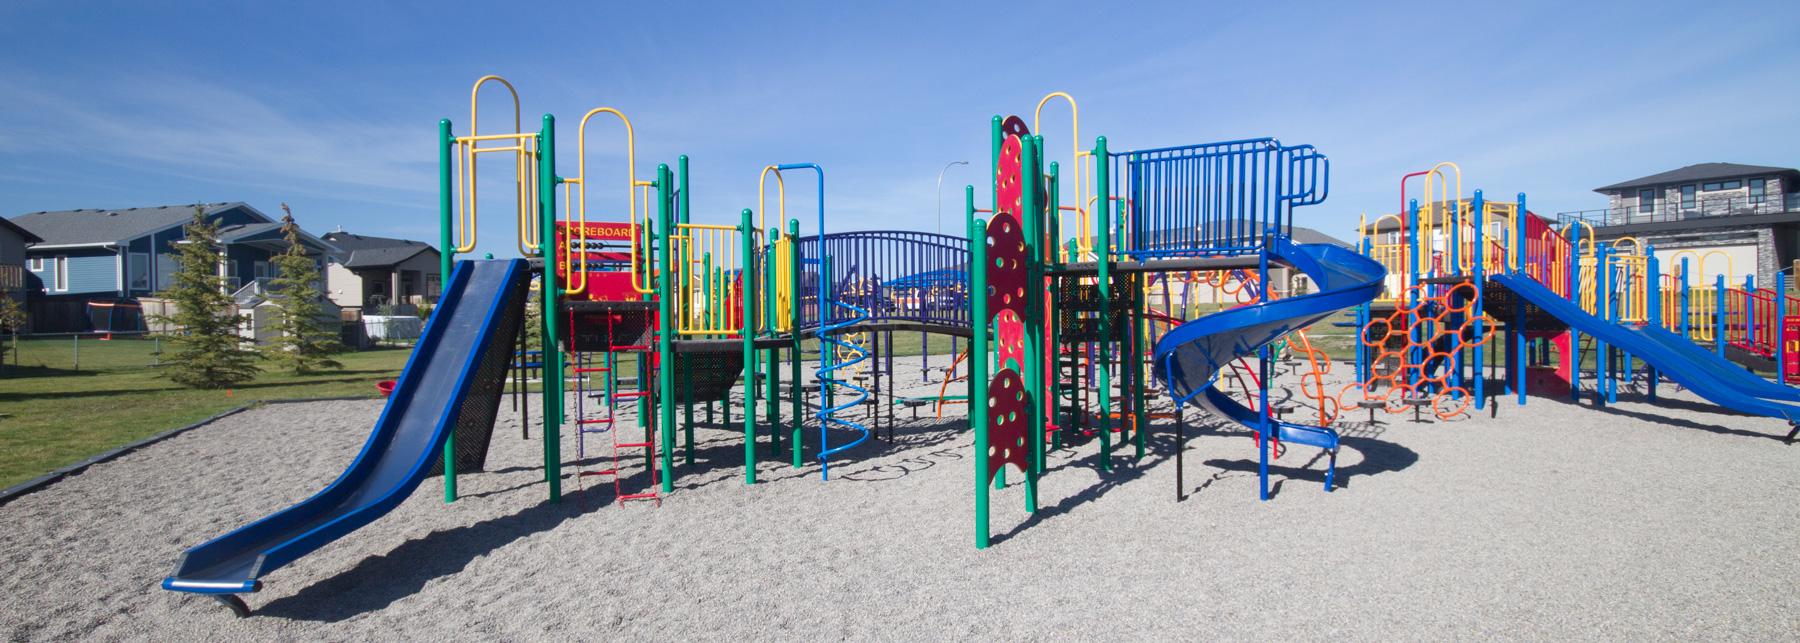 Cottonwood Coaldale Playground